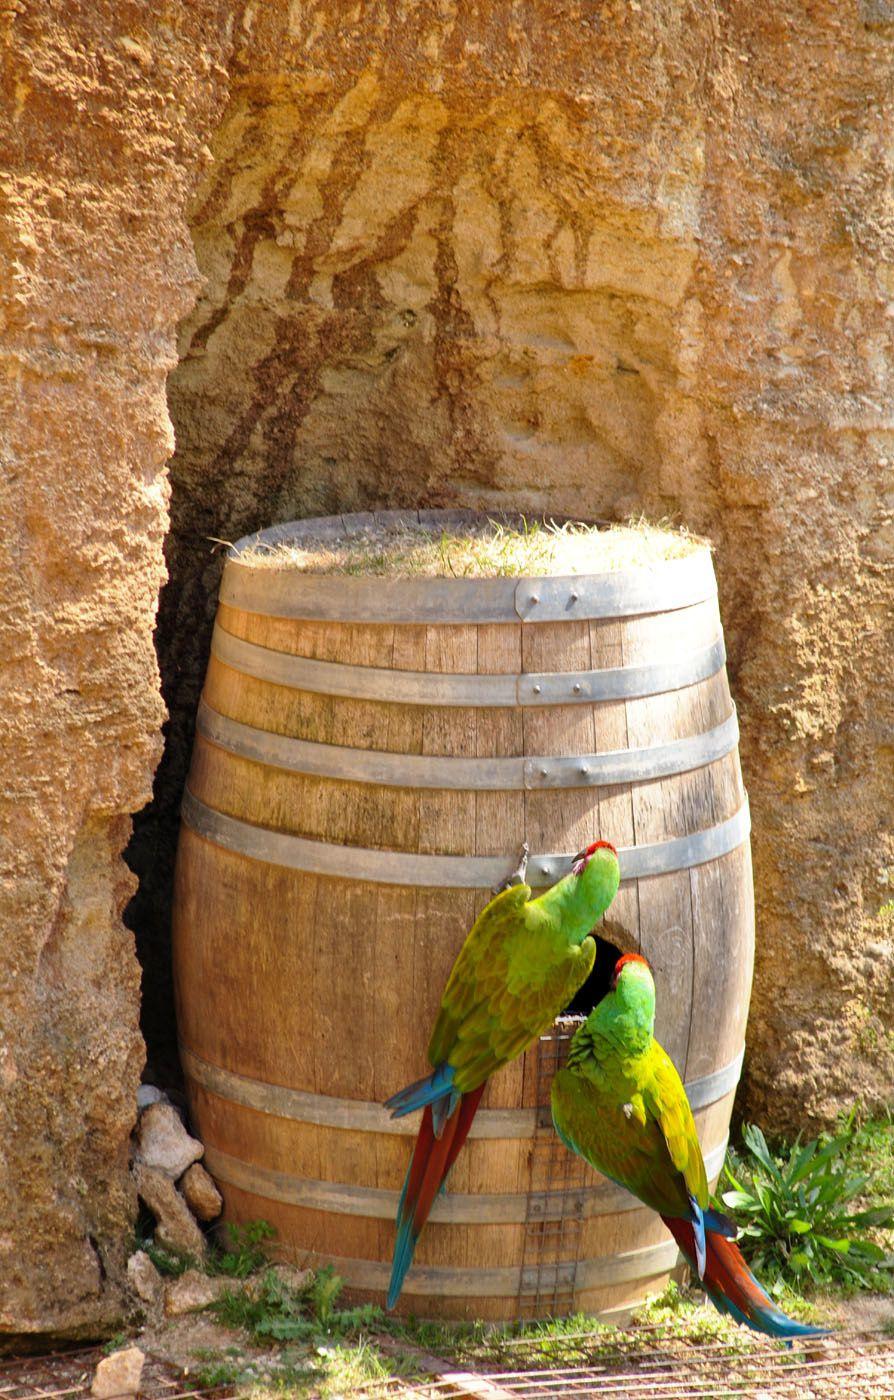 Oiseaux: Zoo de Doué la Fontaine. (photo prise le 6.05.2013)